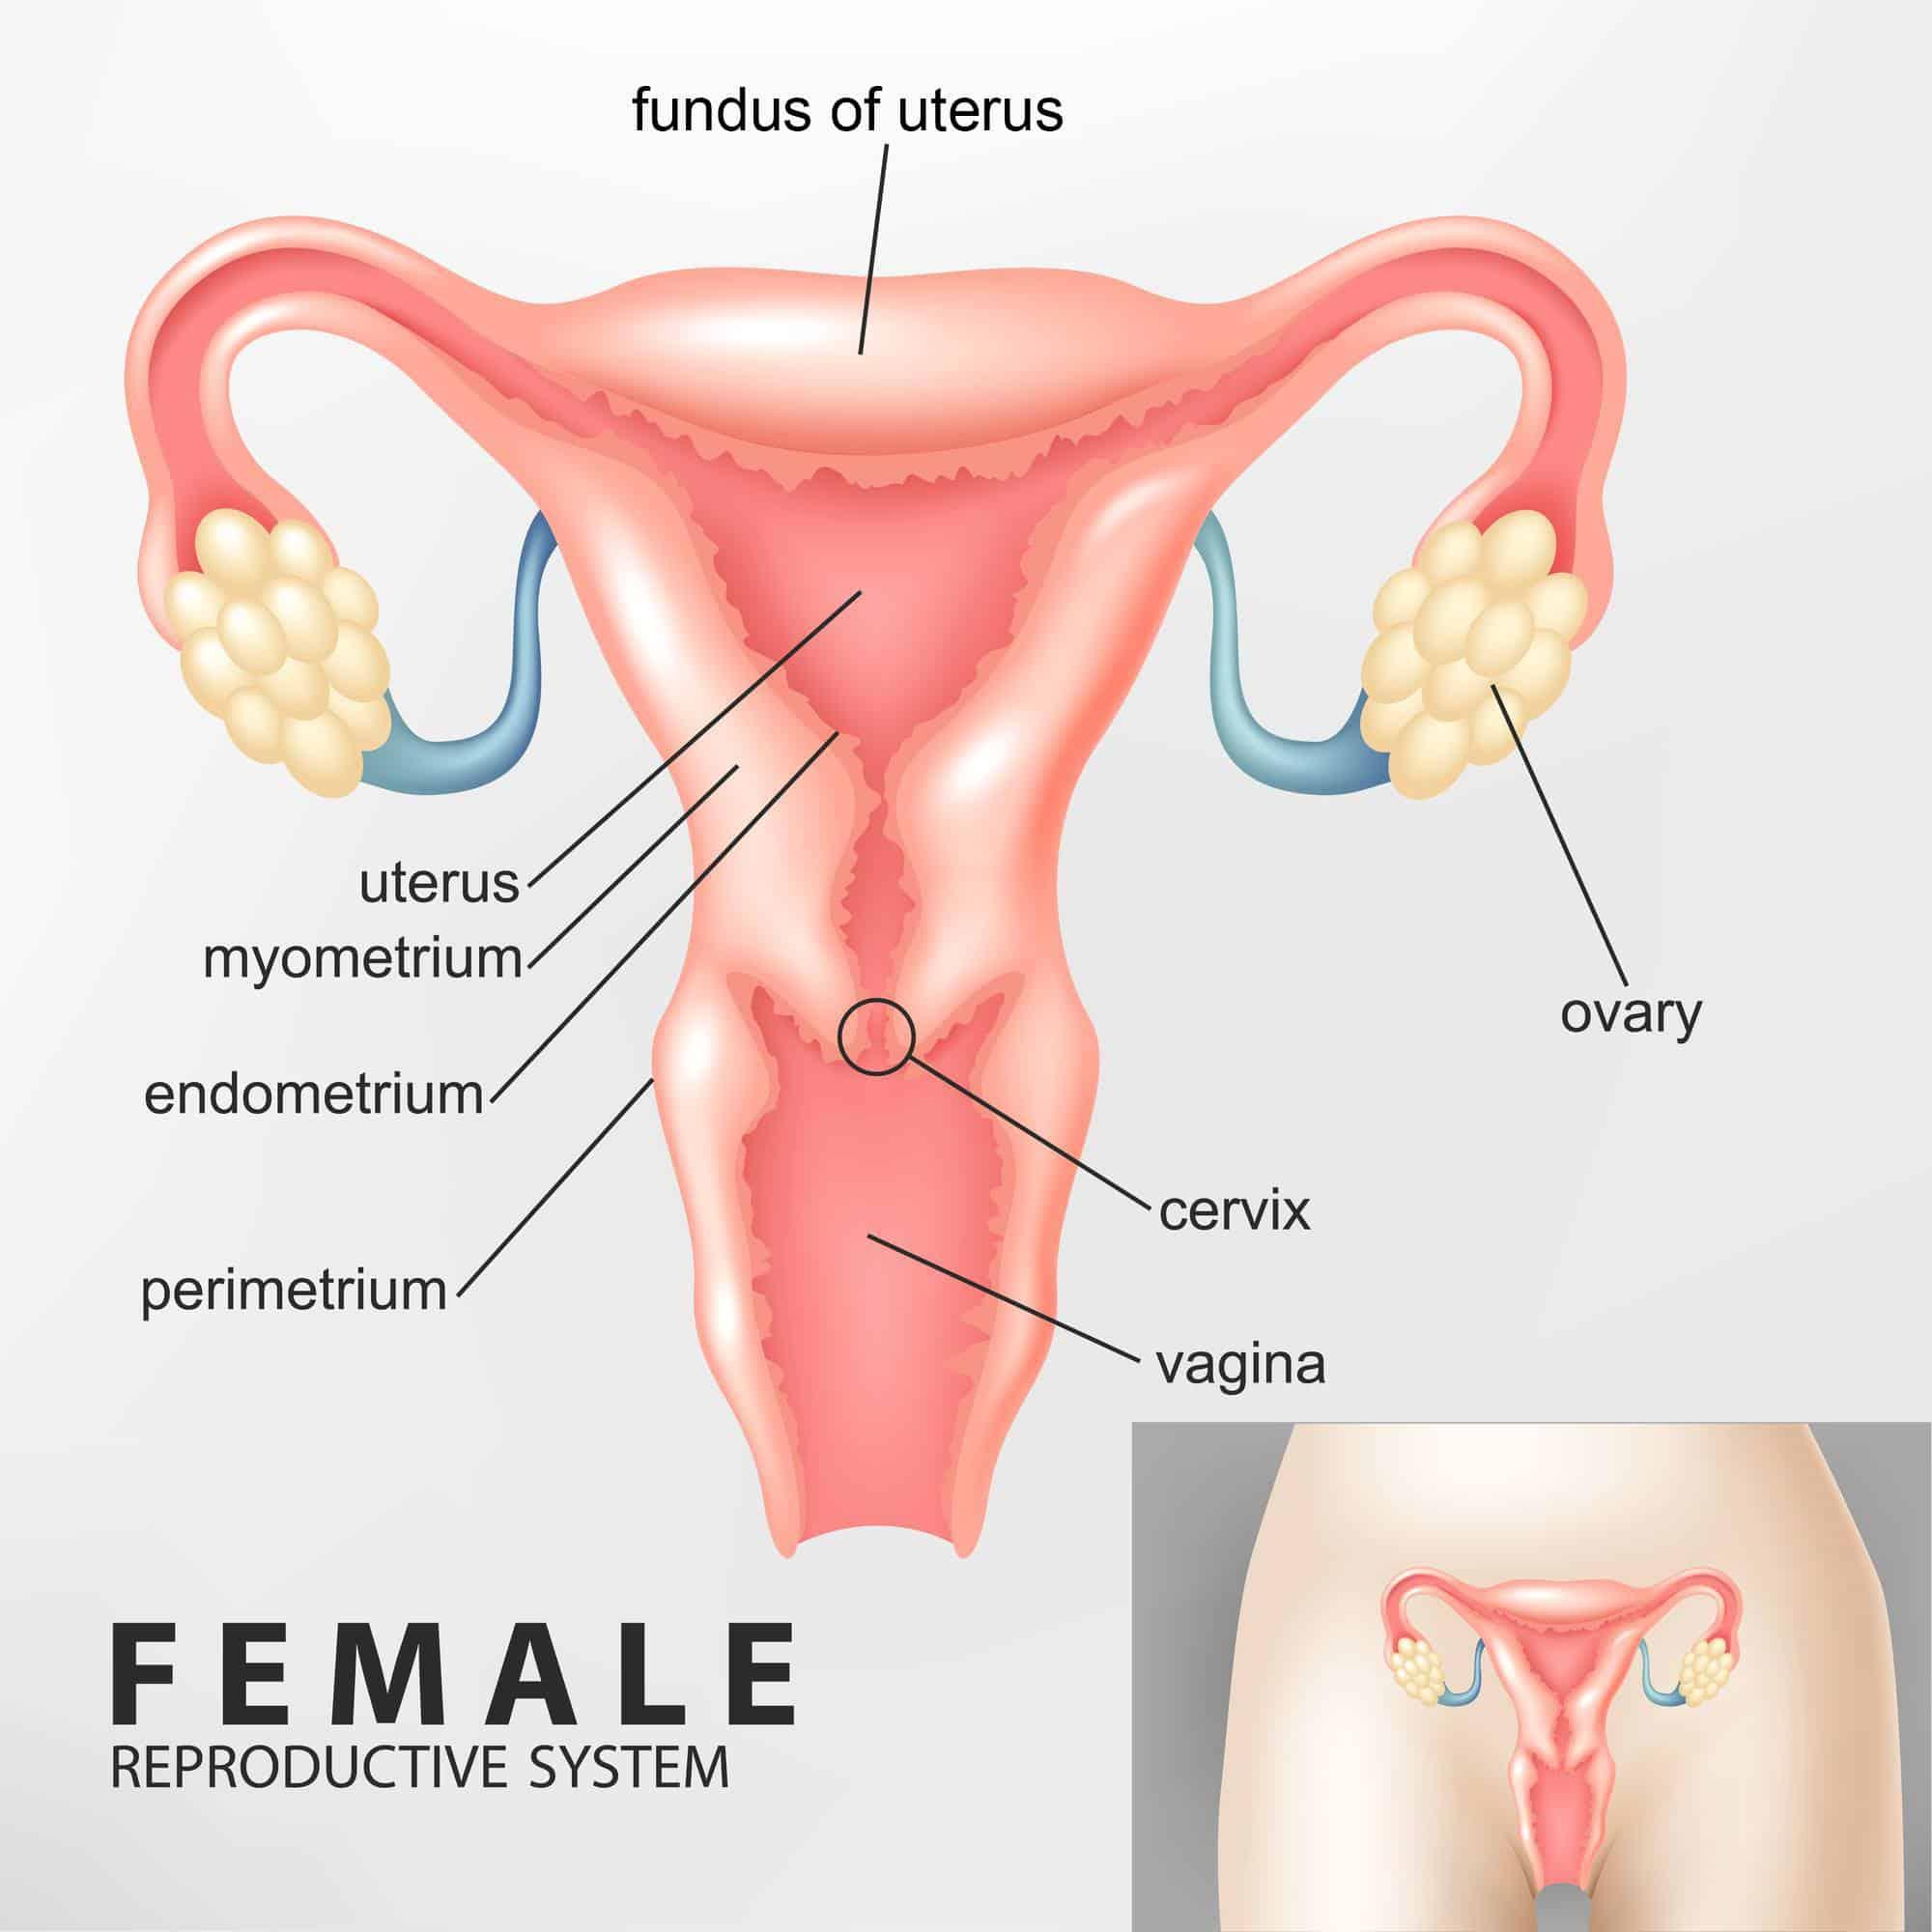 diagram of the female uterus and fundus of uterus